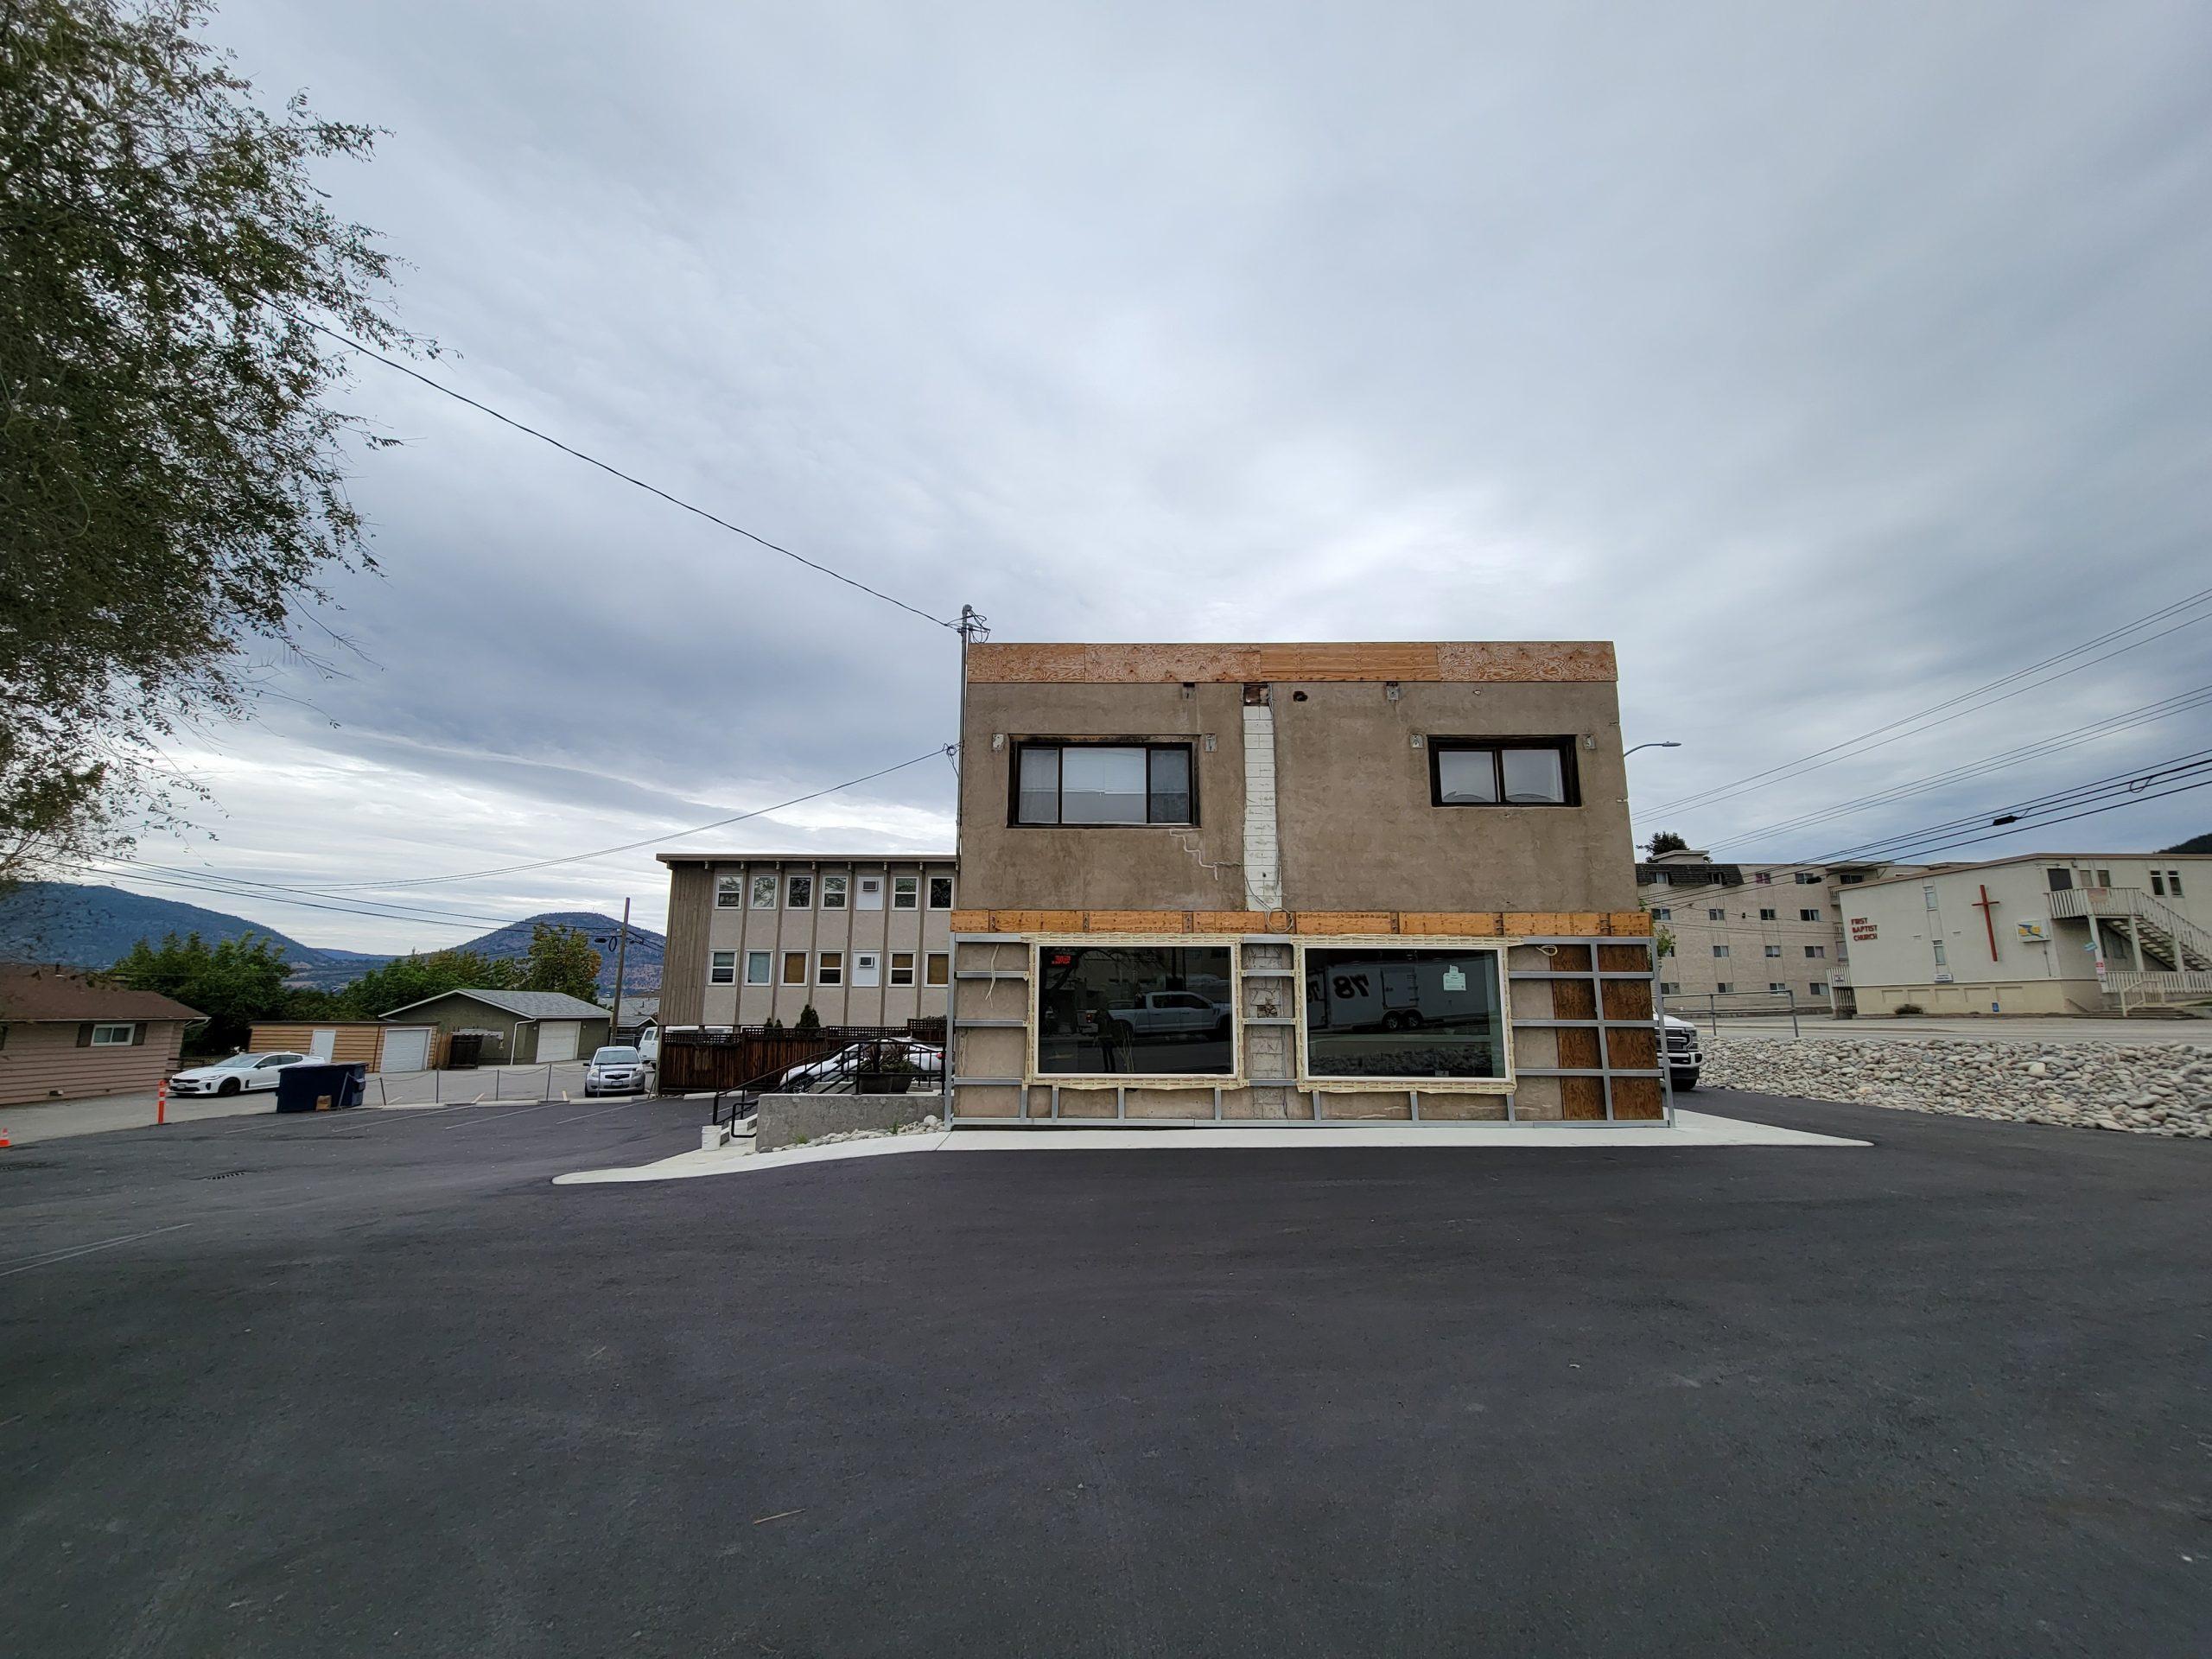 595 Carmi Avenue, Penticton, BC - Corner Redevelopment Site w/ Opportunity for Holding Income